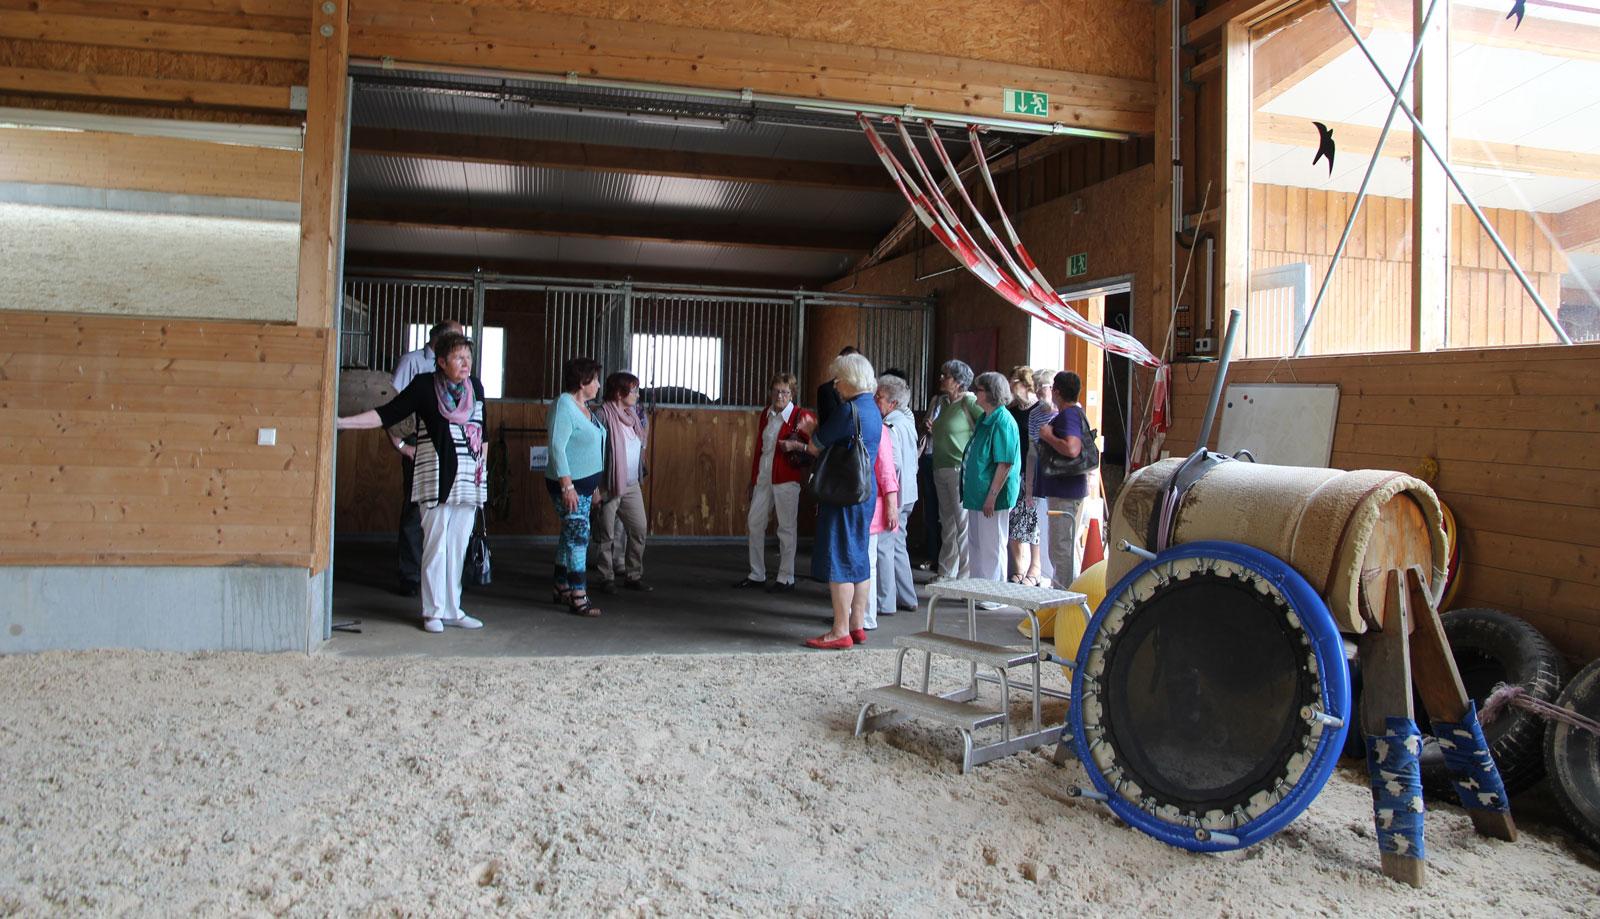 Über die wohltuende Wirklung von der Therapie mit Pferden und den